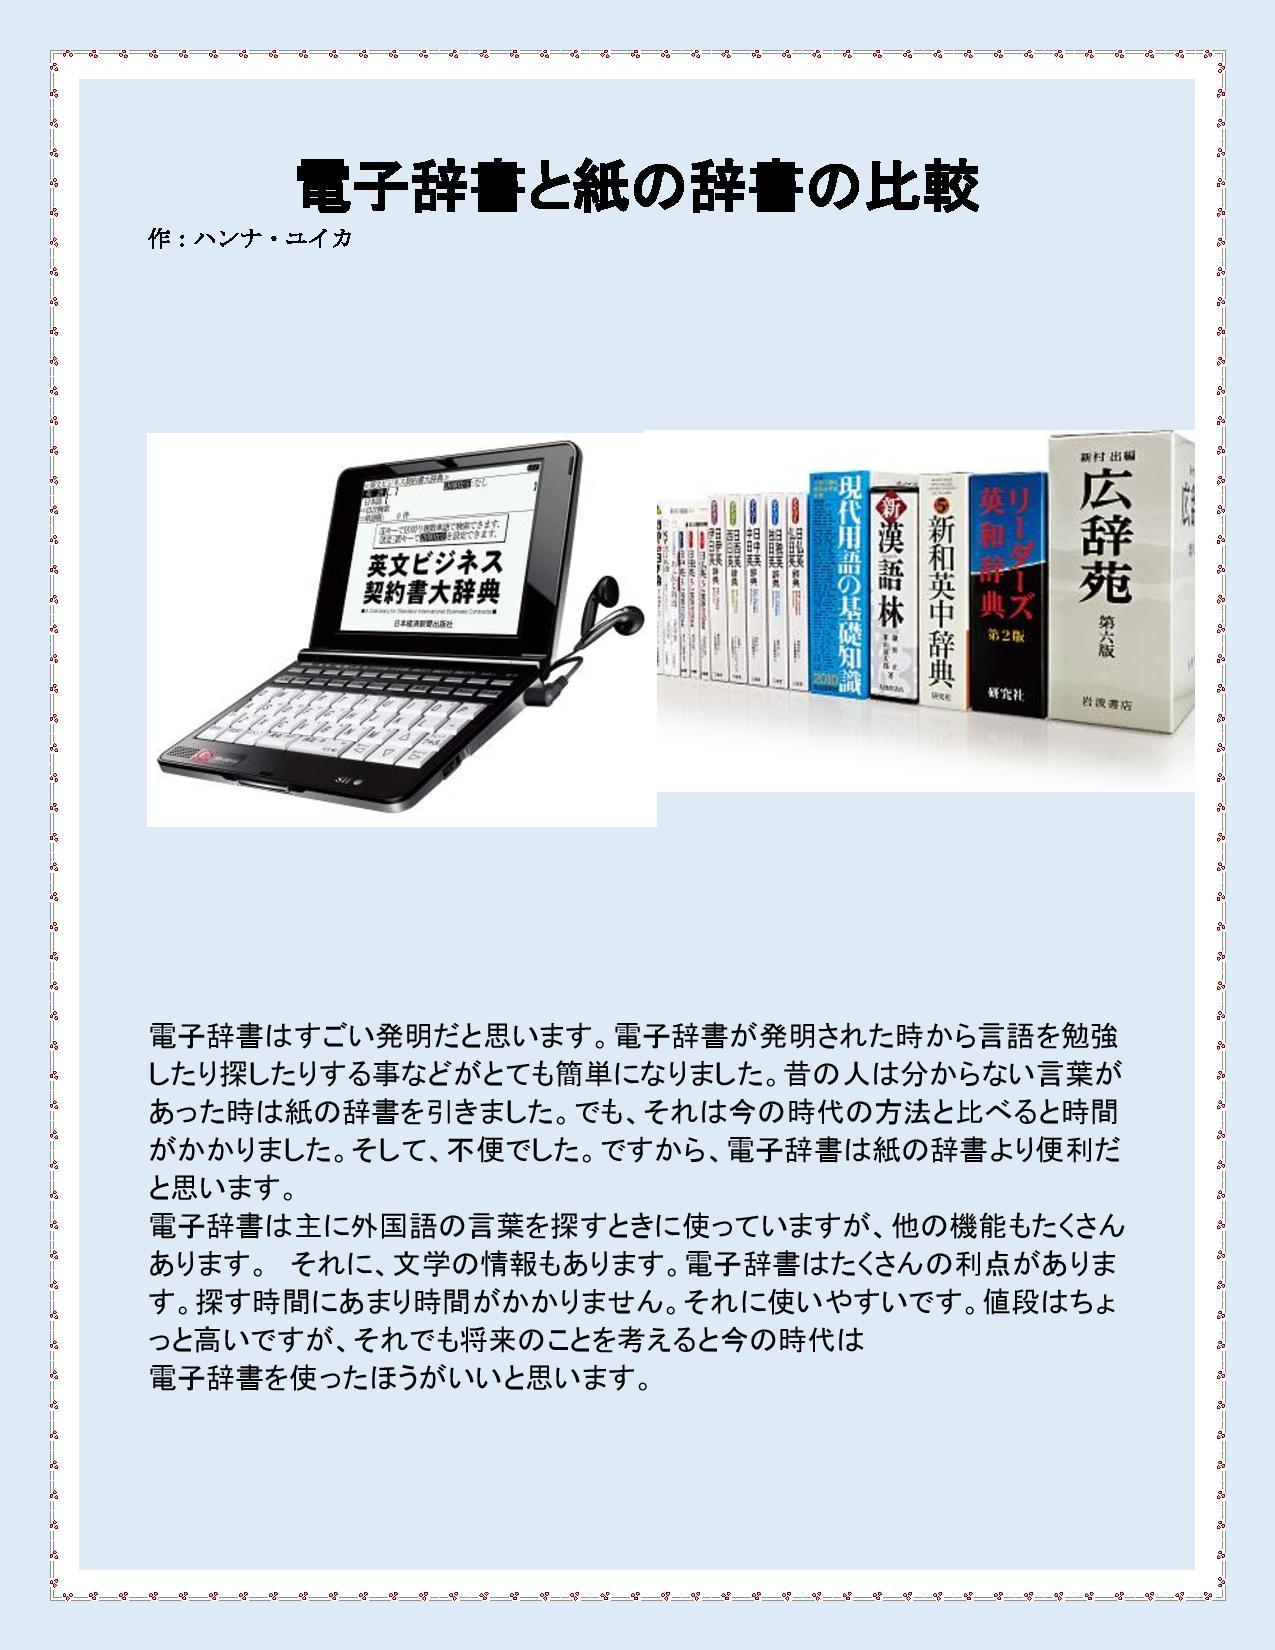 電子辞書と紙の辞書の比較-page-001